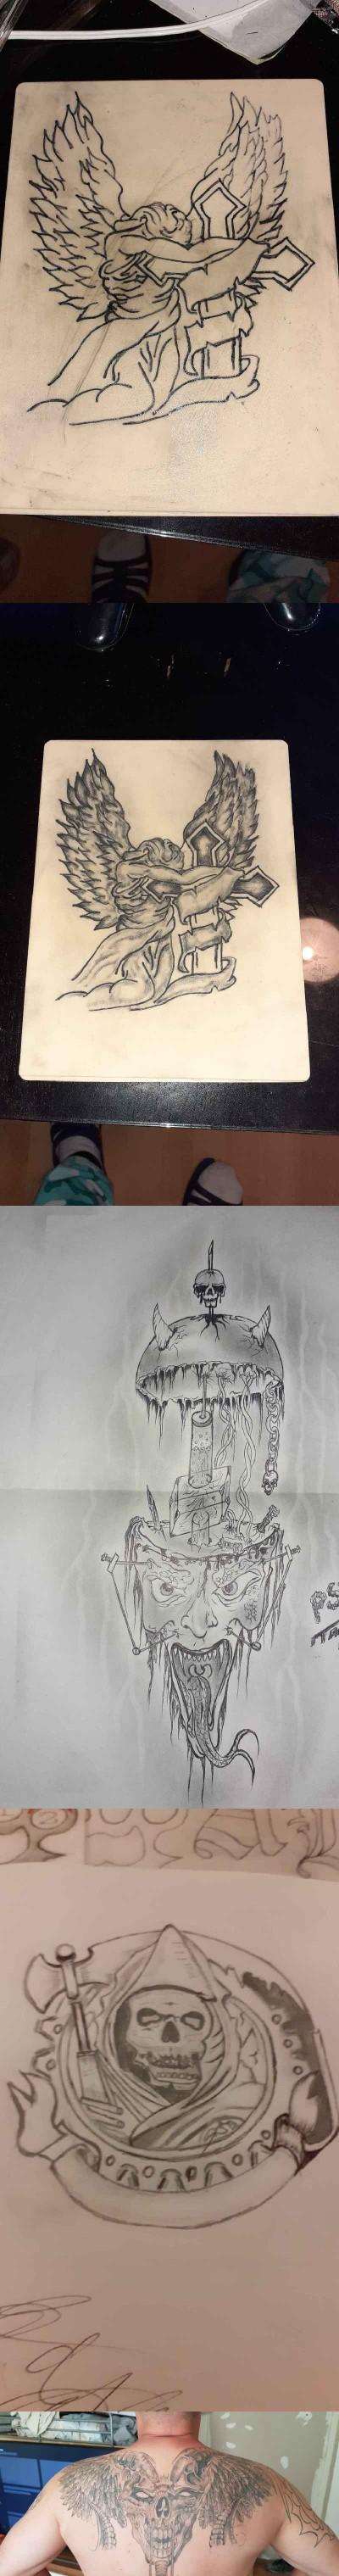 Tatuaże | Lukasz1312 | Digital Drawing | PENUP